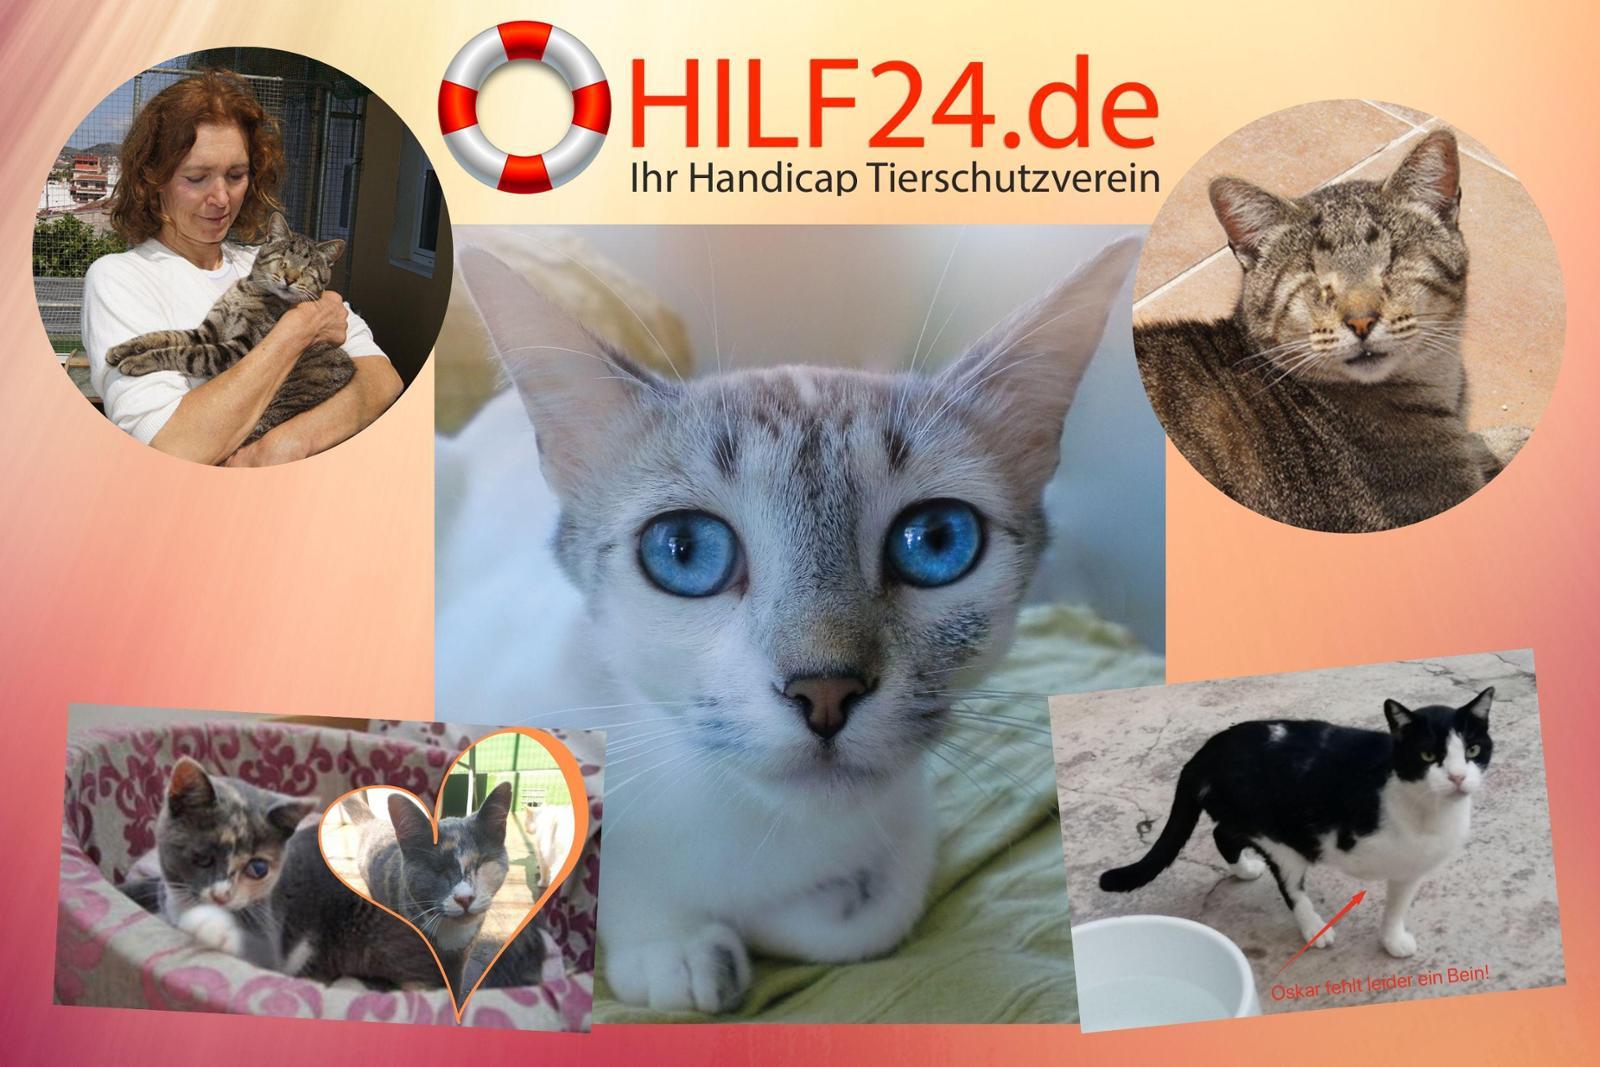 Hilf24.de - Ayuda para animales especiales...